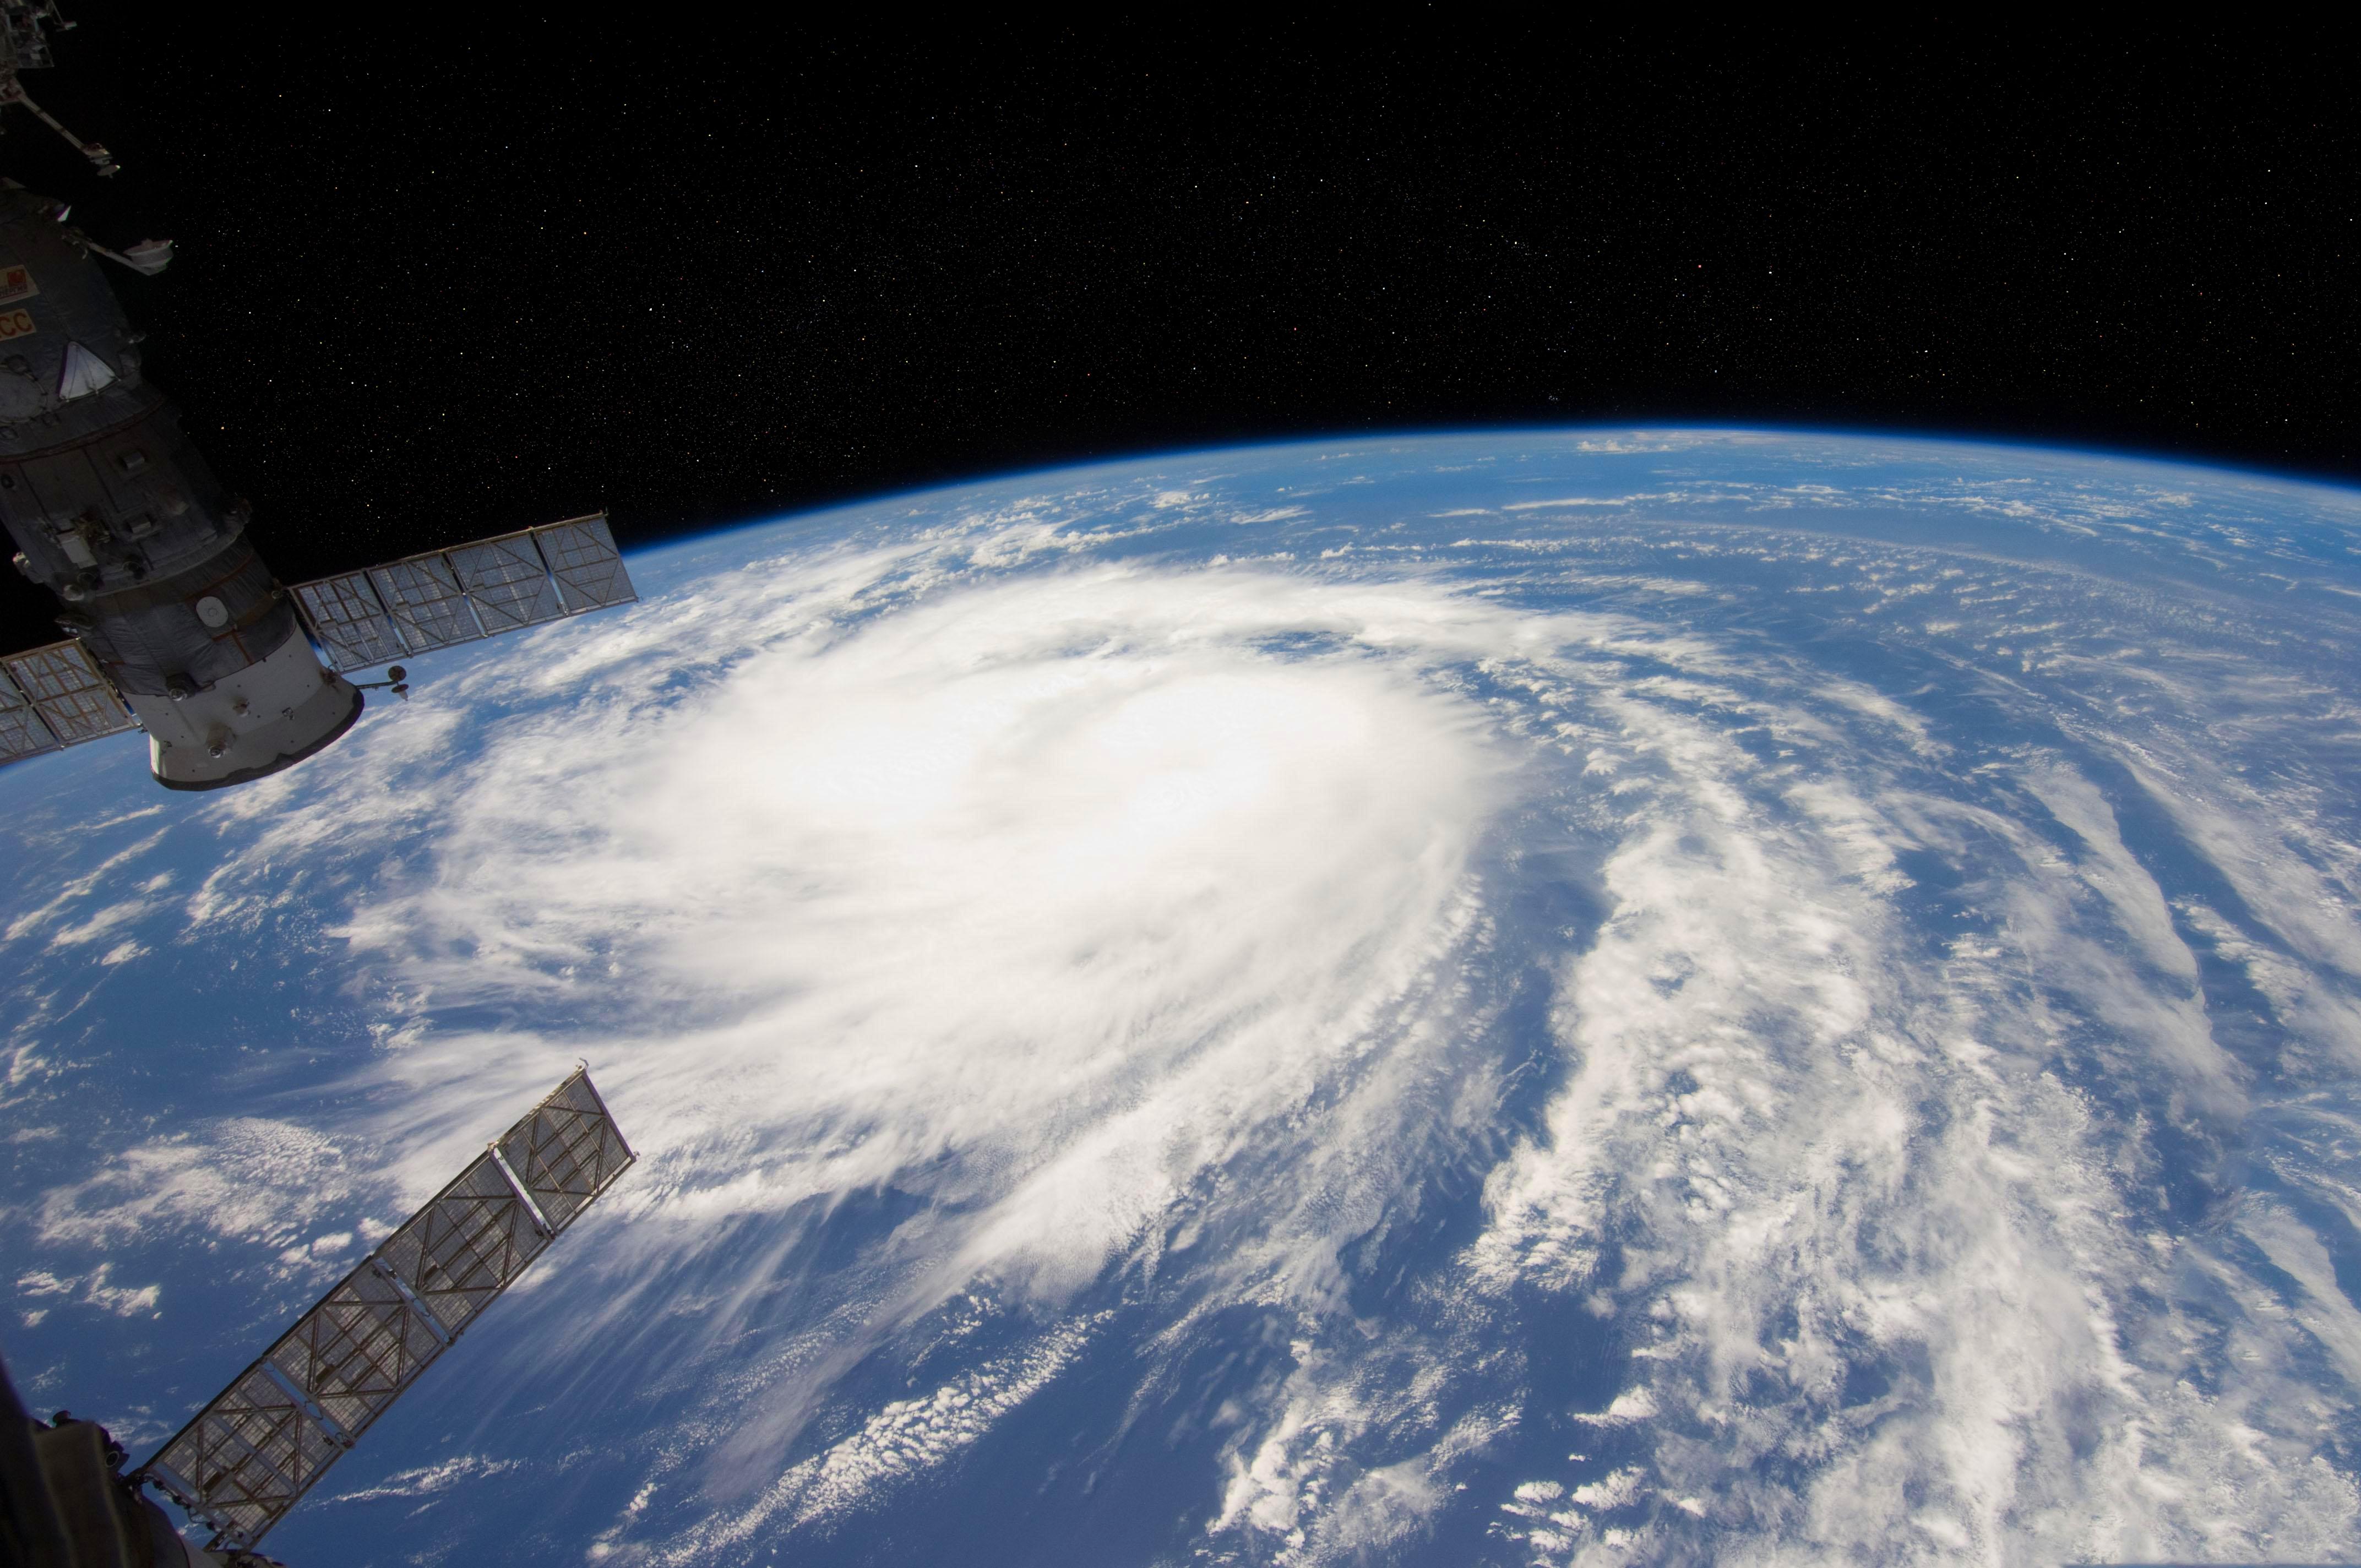 этом случае фотографии со спутника космос нем, как говорит